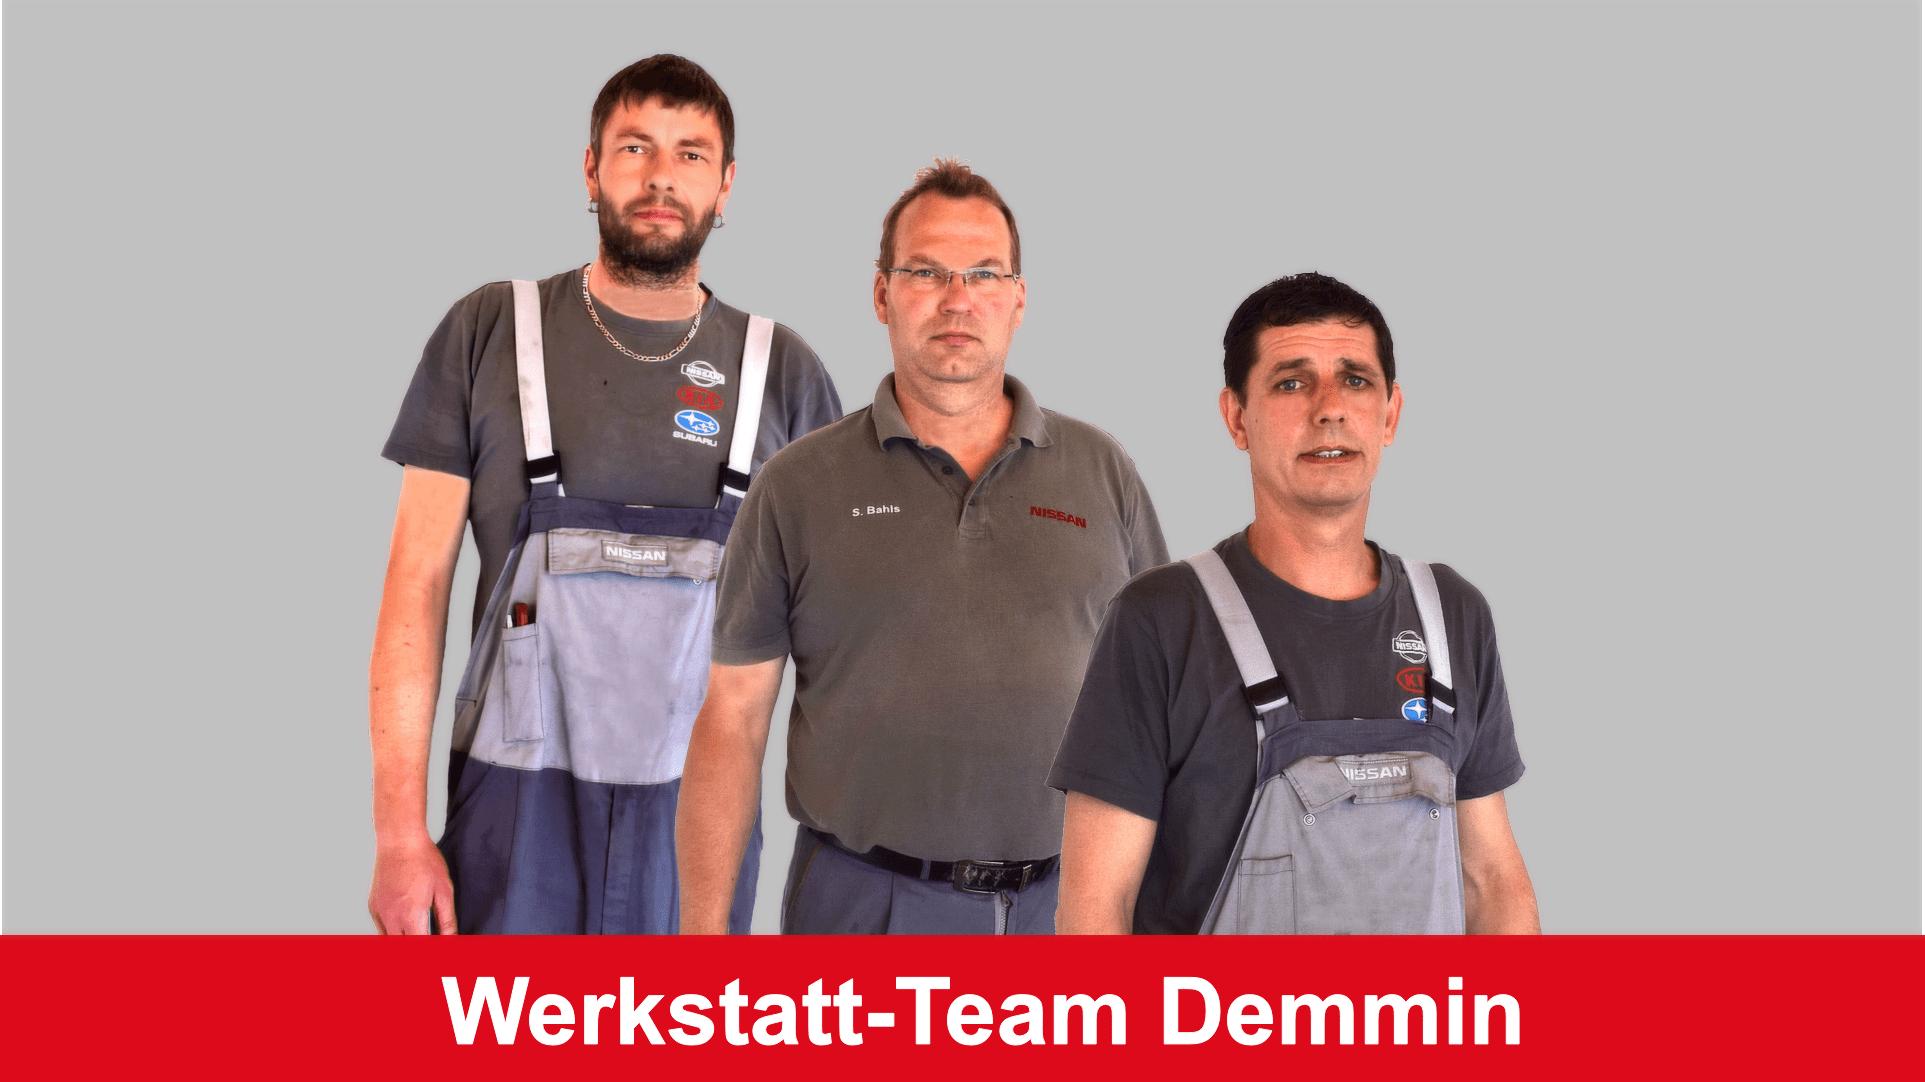 Werkstatt-Team Demmin